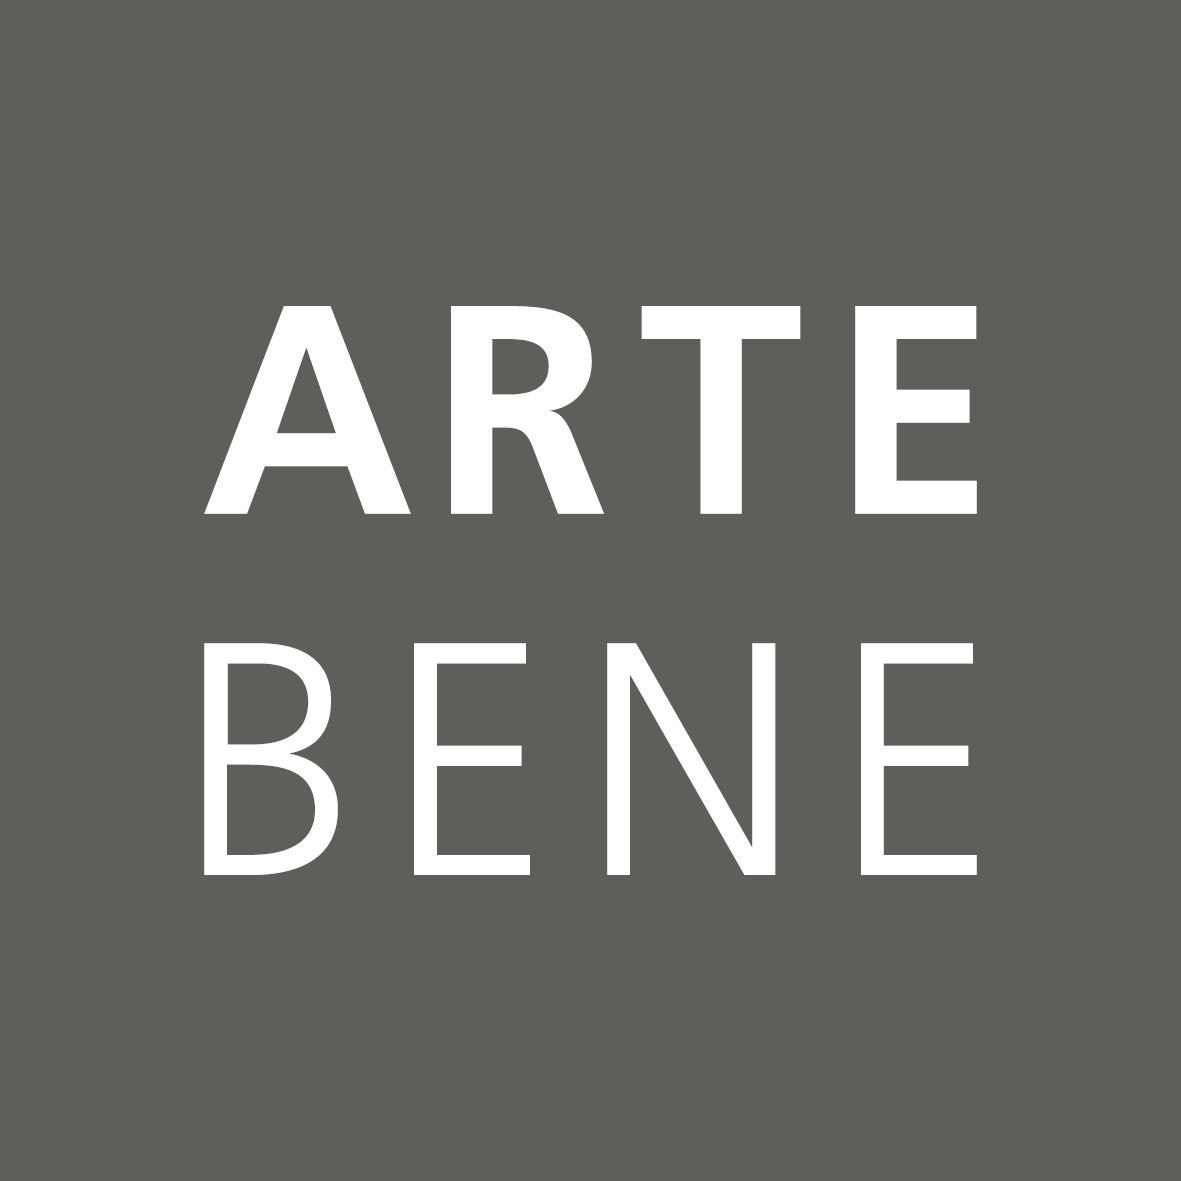 Artebene